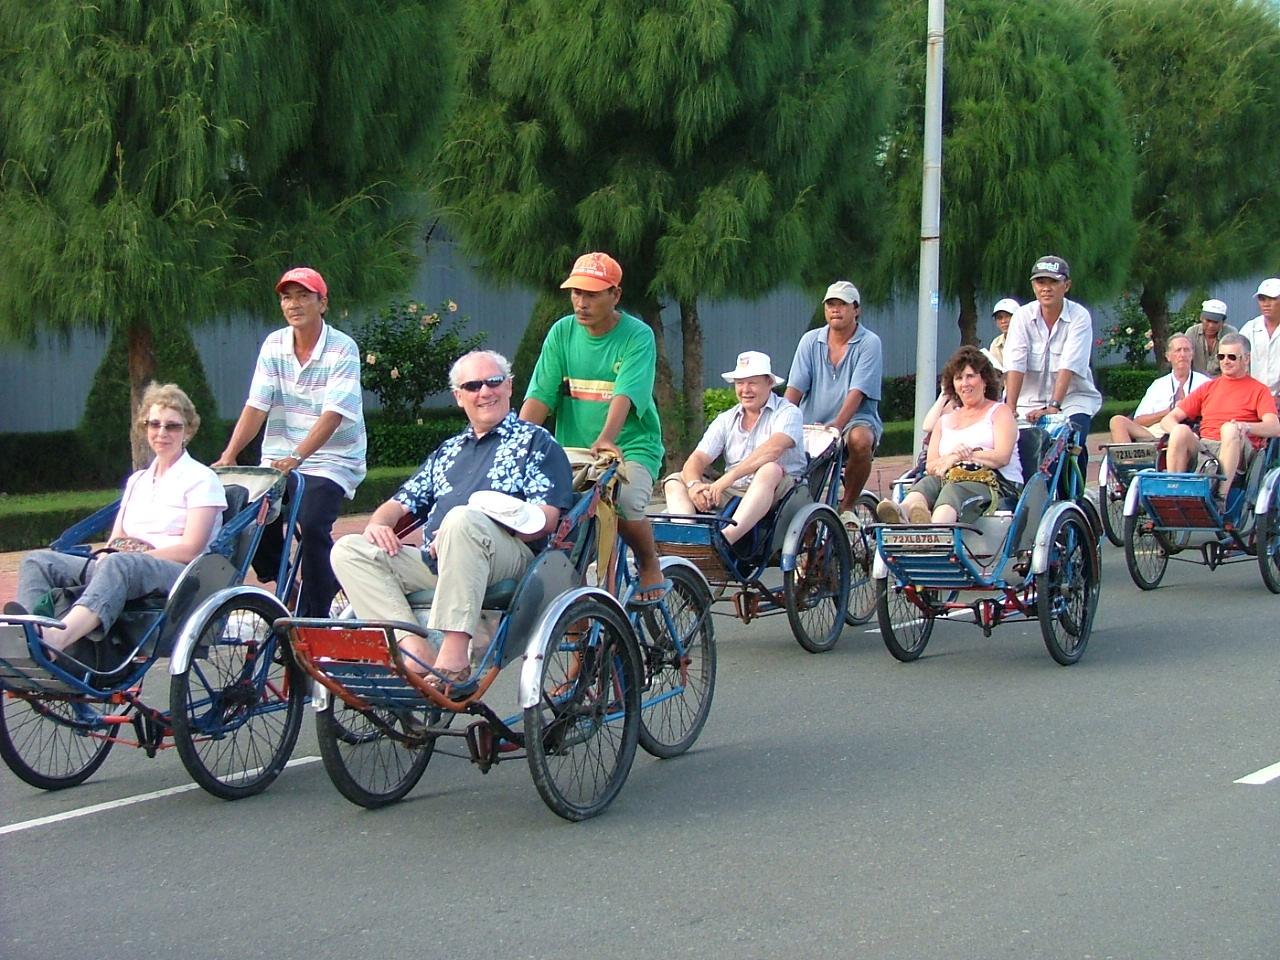 元旦期间到河内旅游的外国游客猛增